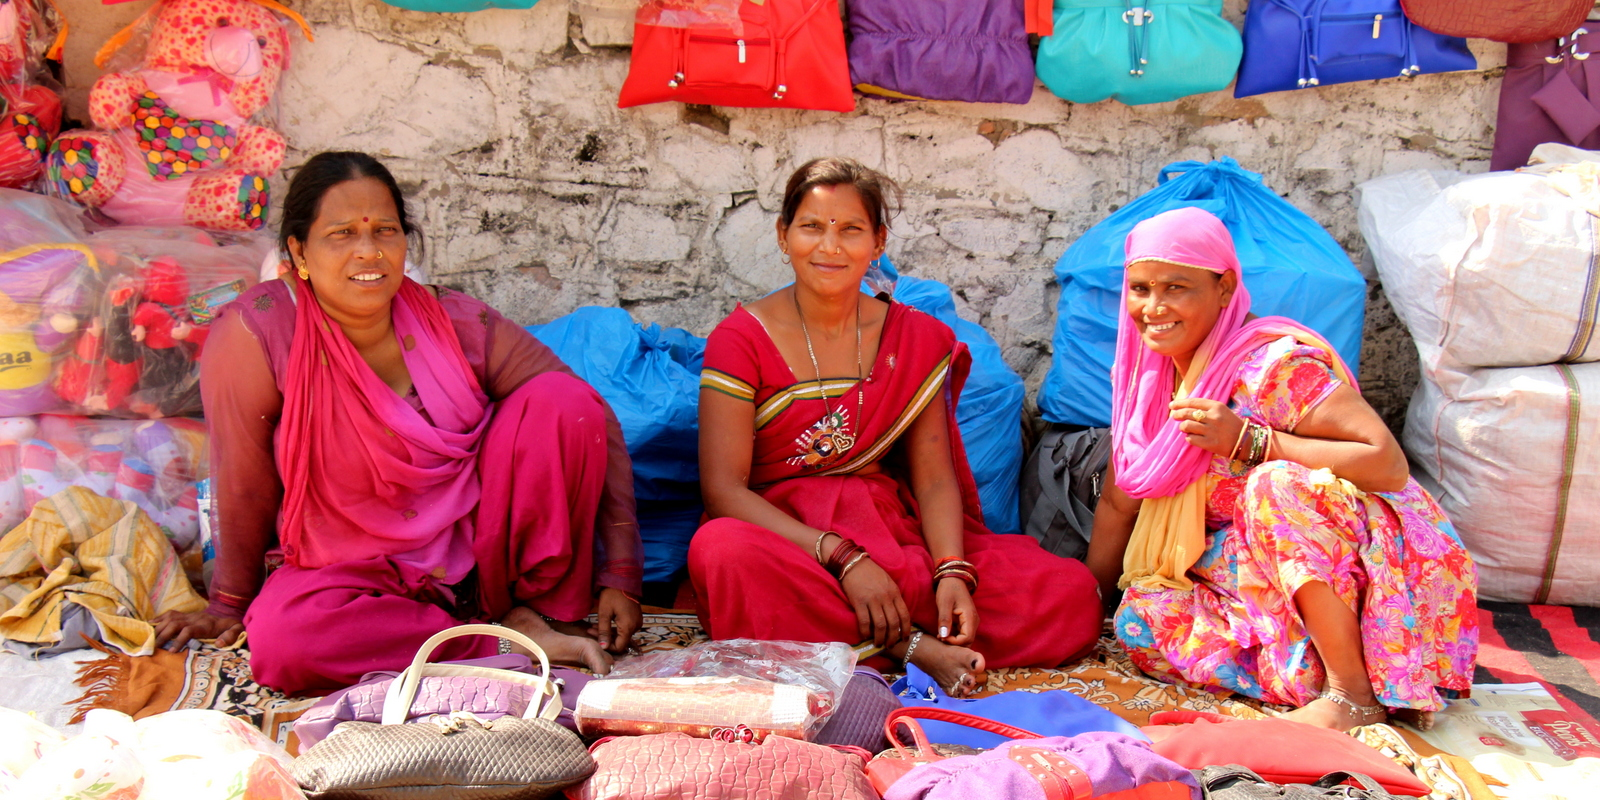 India vendors